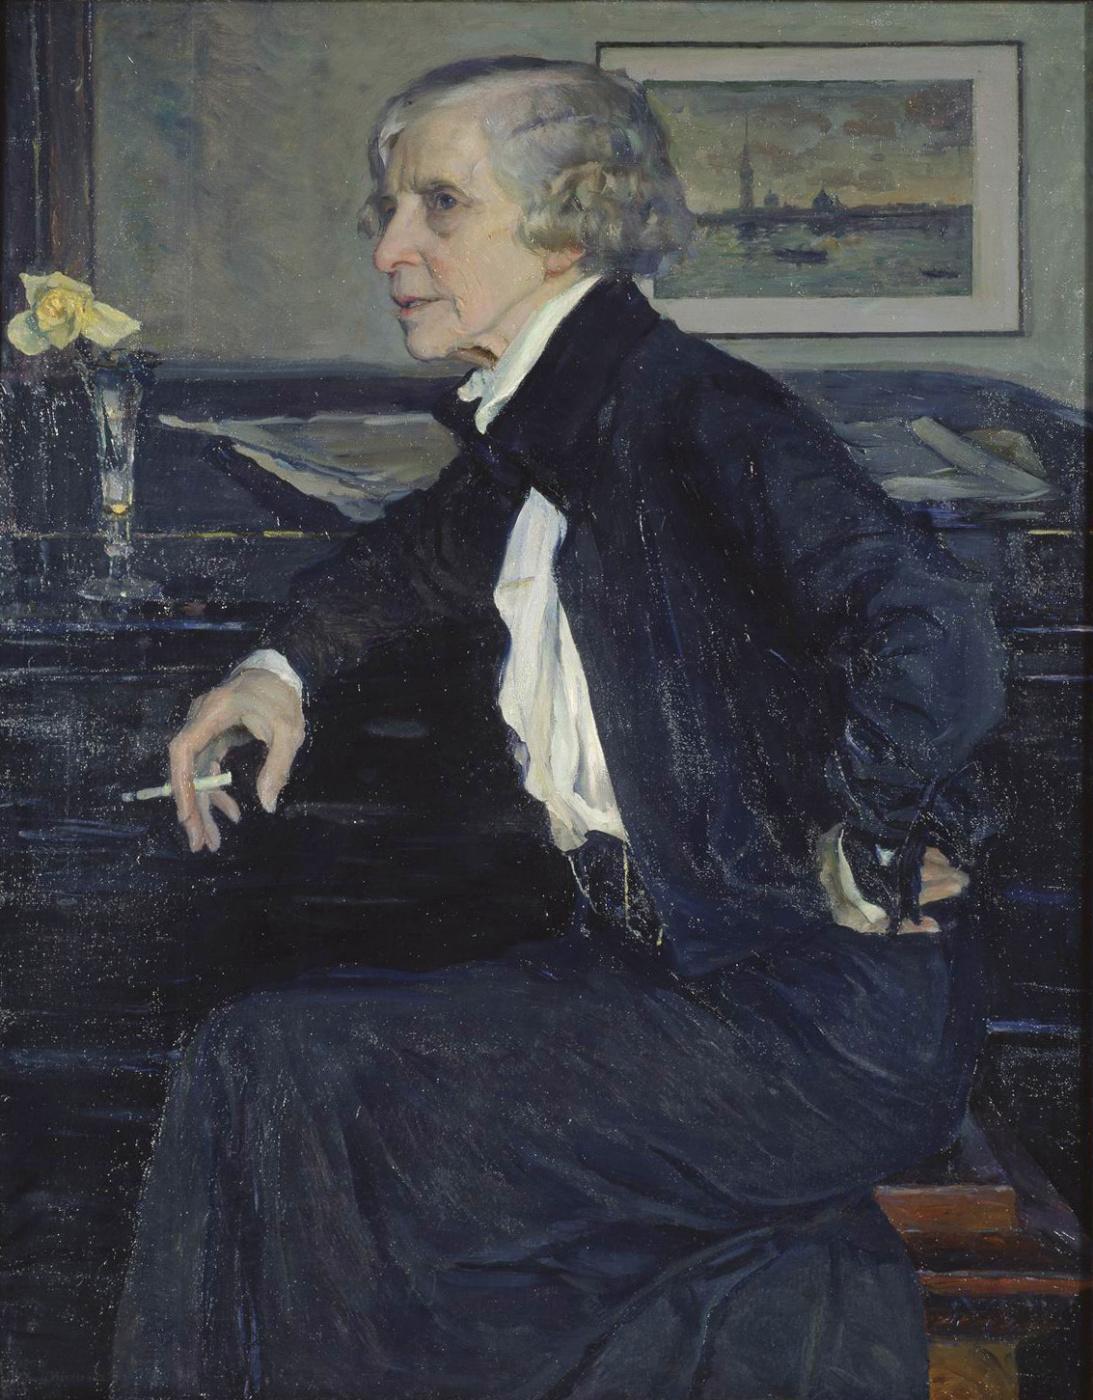 Mikhail Vasilyevich Nesterov. Portrait of artist E. S. Kruglikova